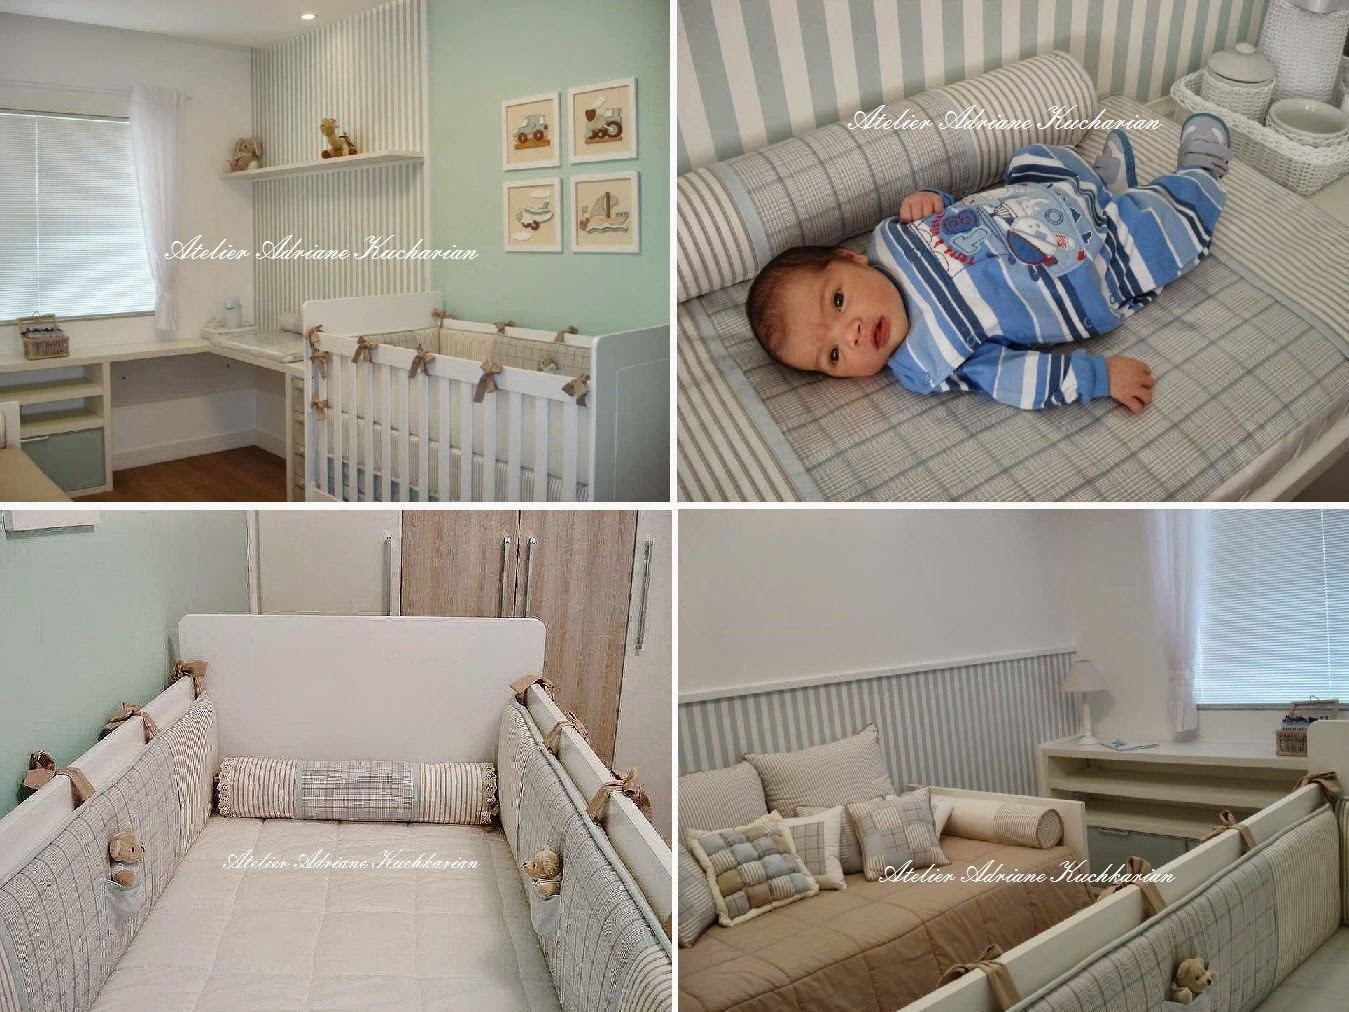 Atelier Adriane Kuchkarian Projetos e decoração personalizada  Quartos de bebê